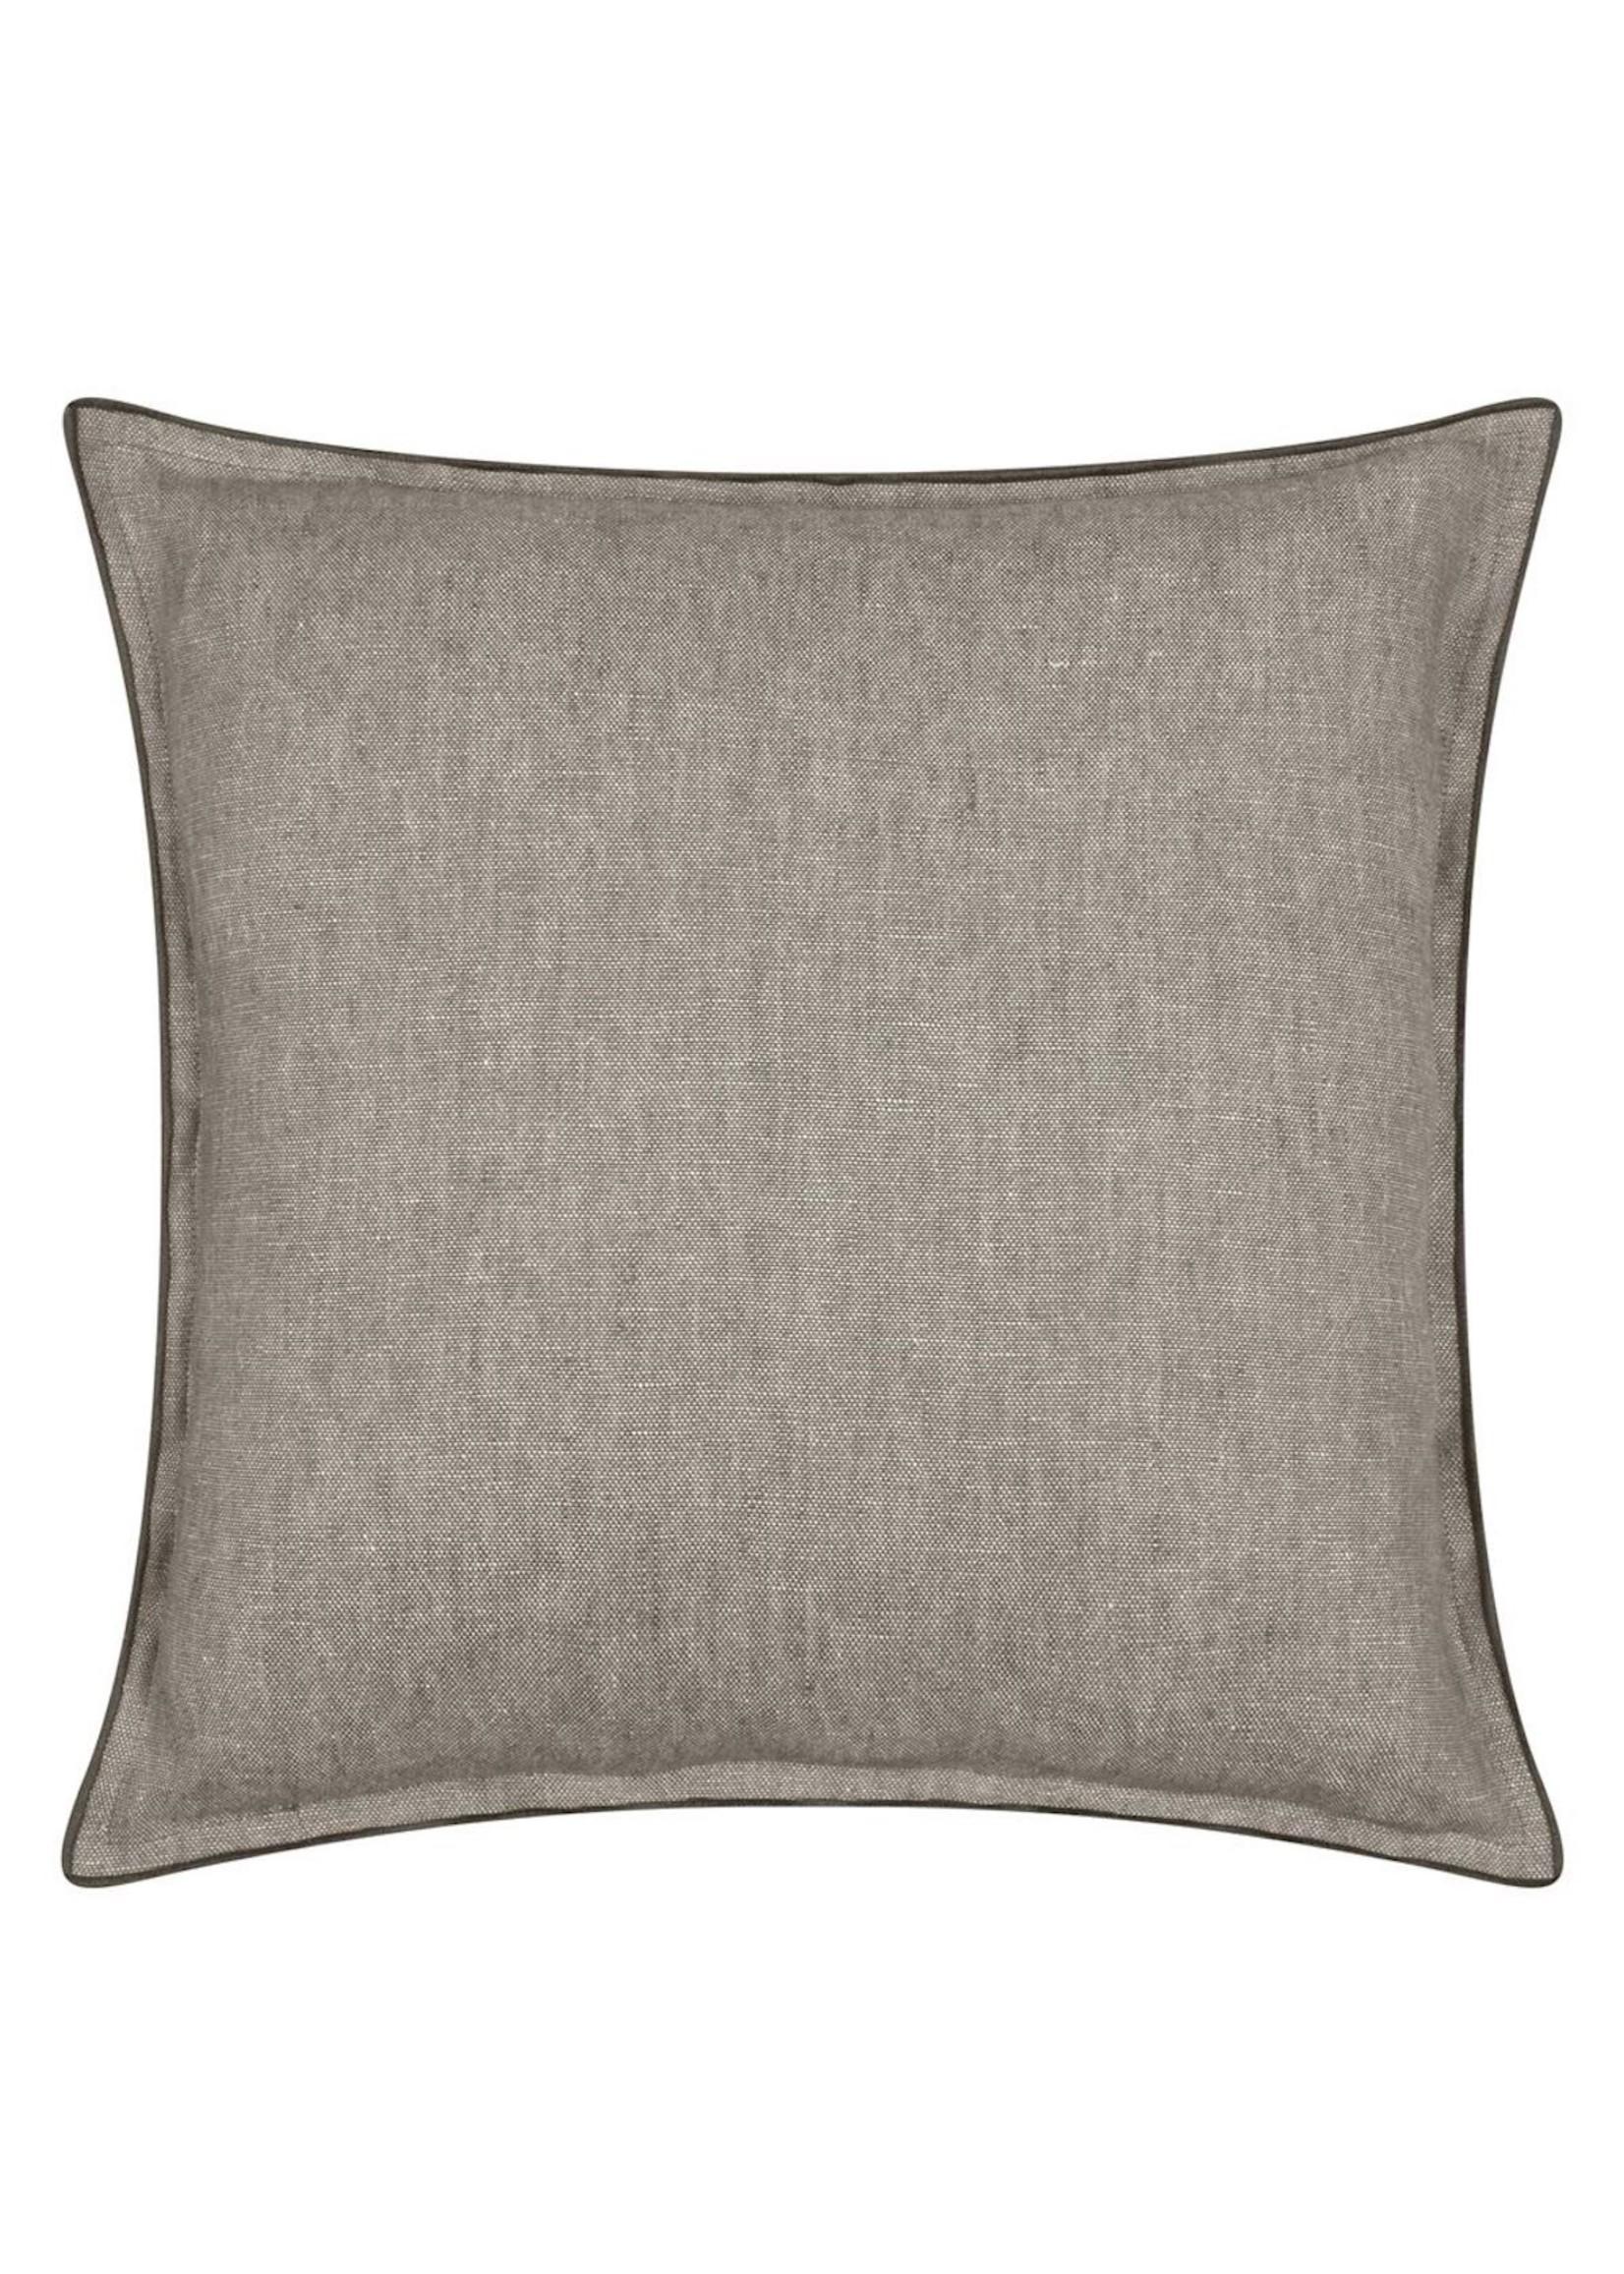 Designers Guild Designers Guild Brera Espresso & Coco Linen Pillow